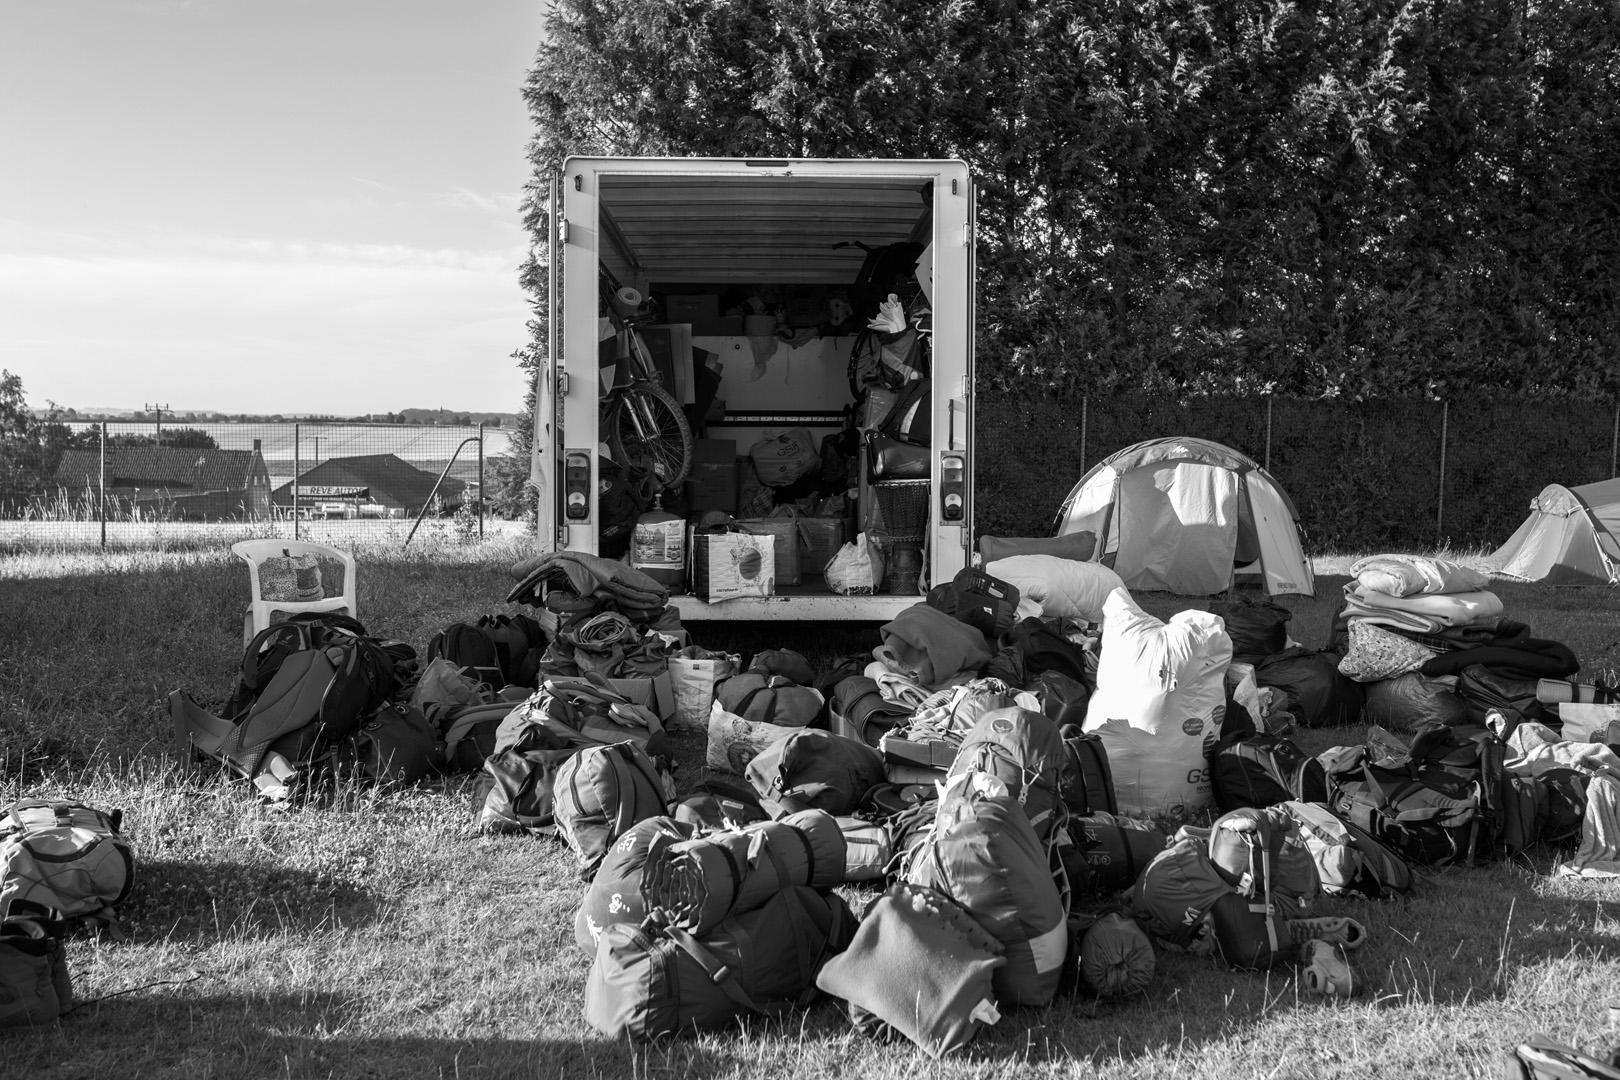 Cambrai, les sacs des marcheurs sont transportés par camion pour faciliter le parcours. Marche solidaire organisée par l'auberge des migrants.